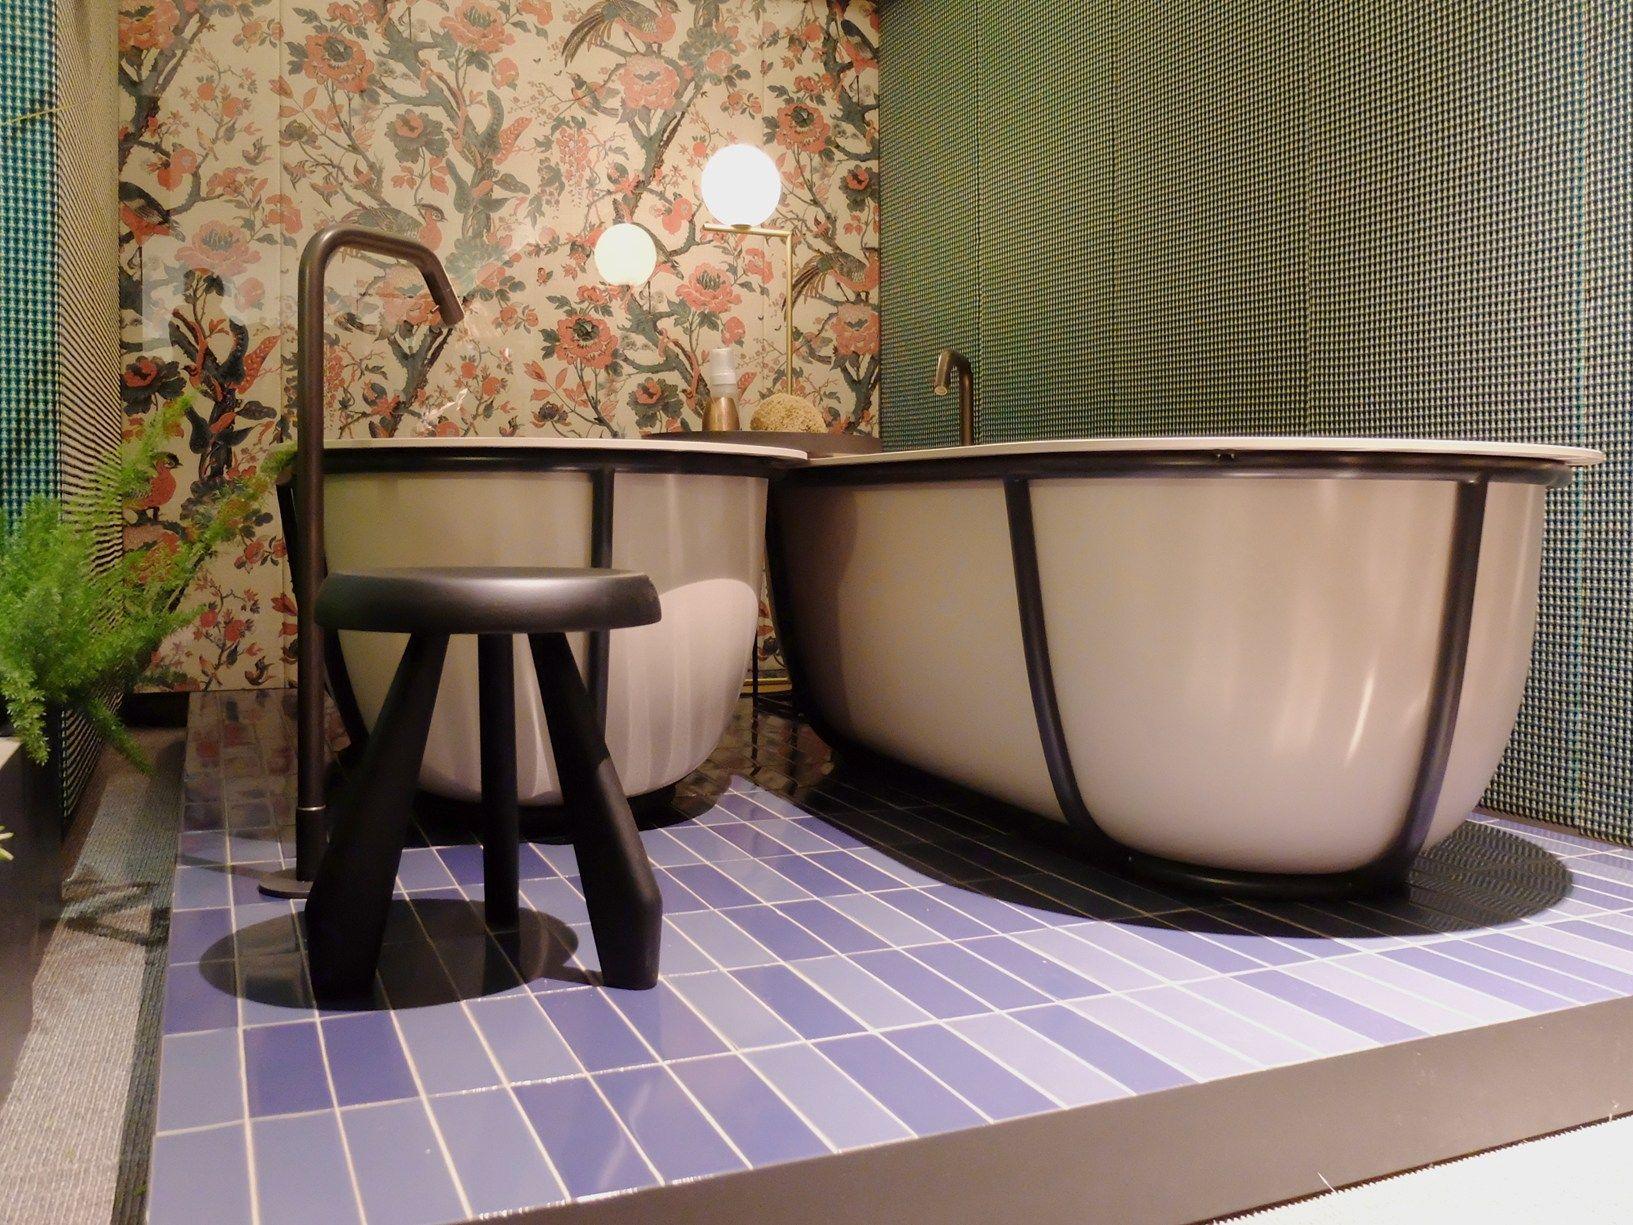 Lissoni e urquiola disegnano il grand hotel secondo elle for Elle decor hotel palazzo morando